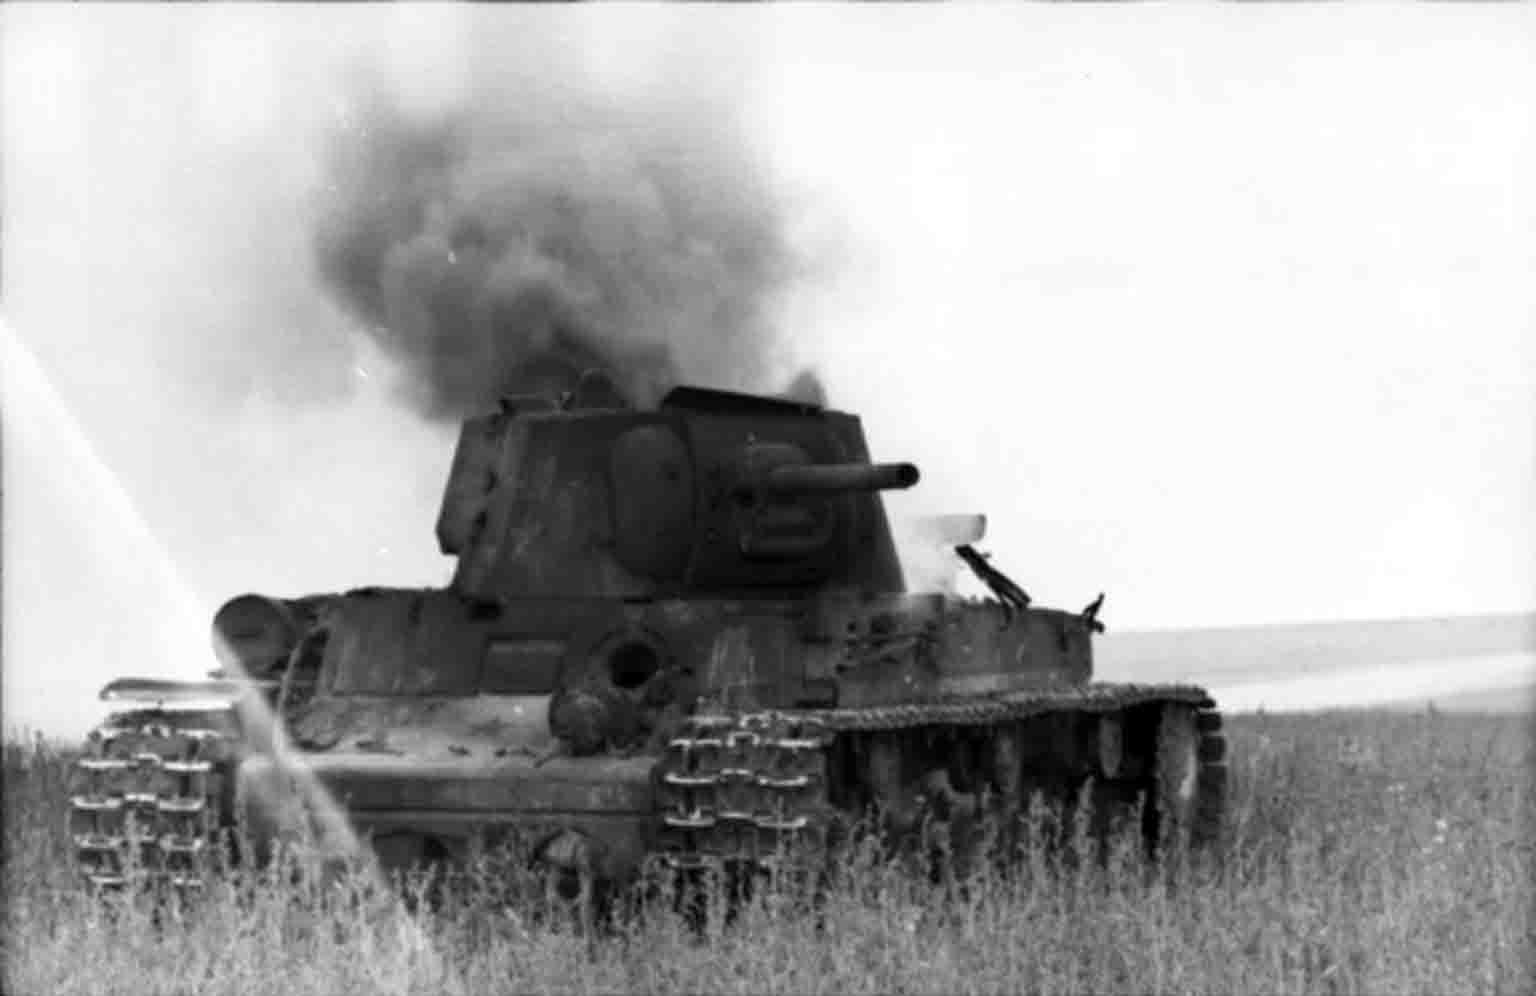 World War 2 - KV-1